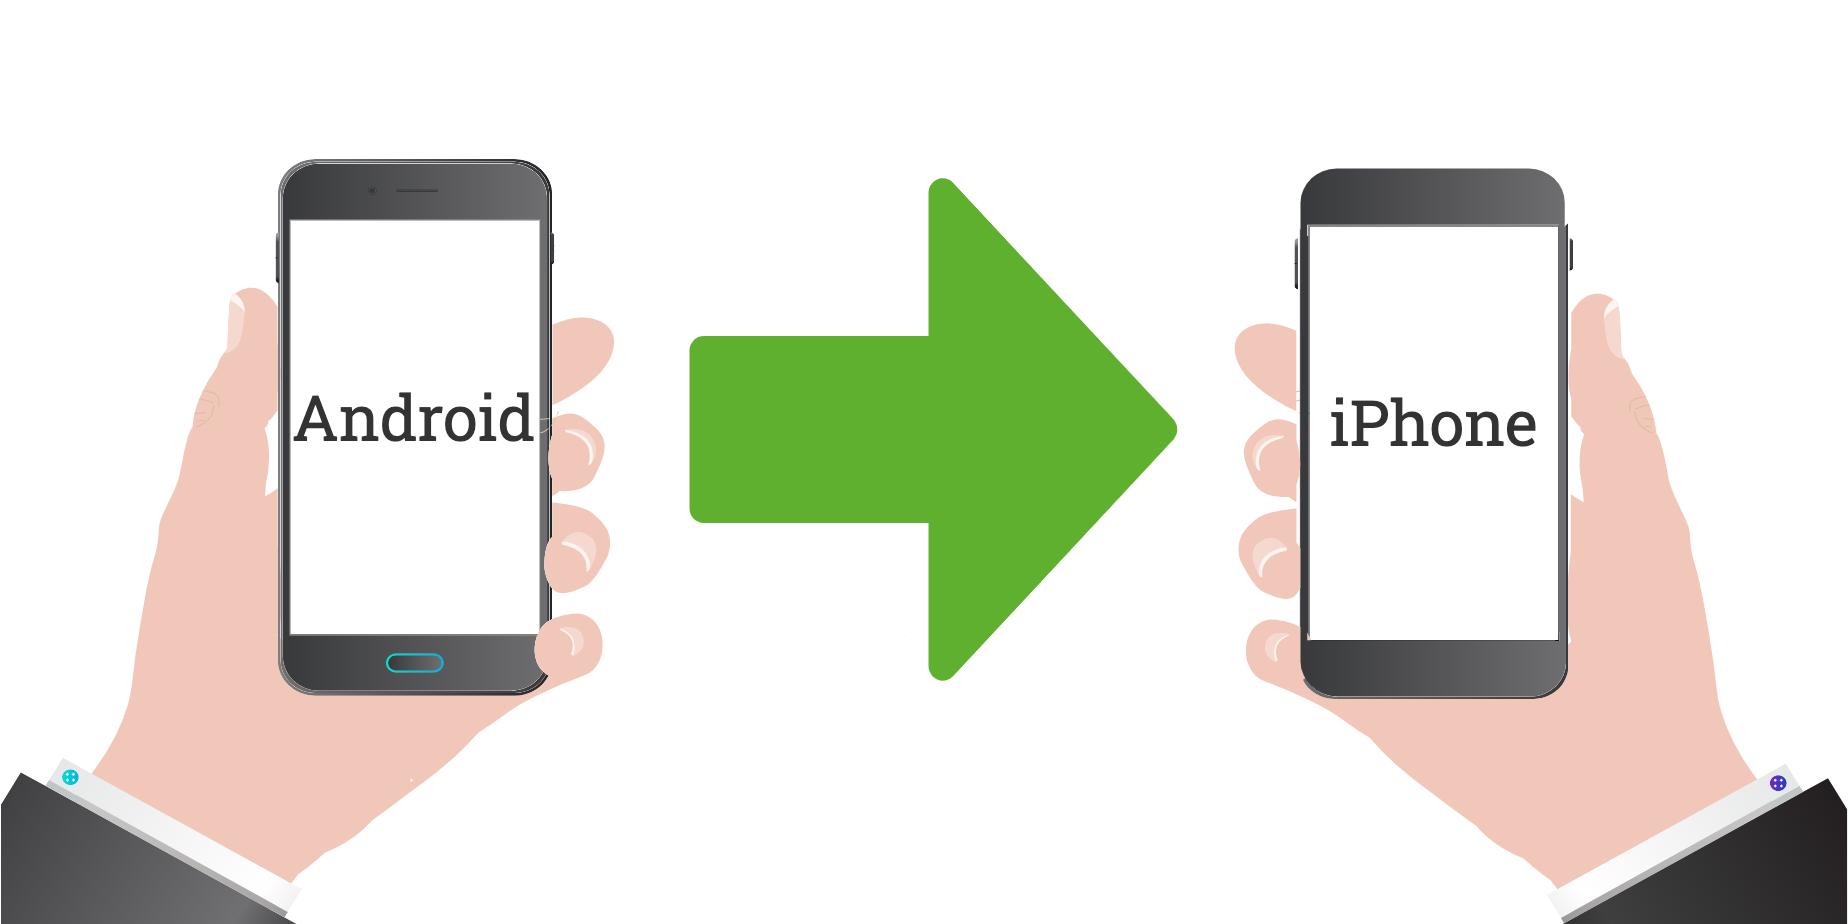 AndroidからiPhoneへのデータ移行